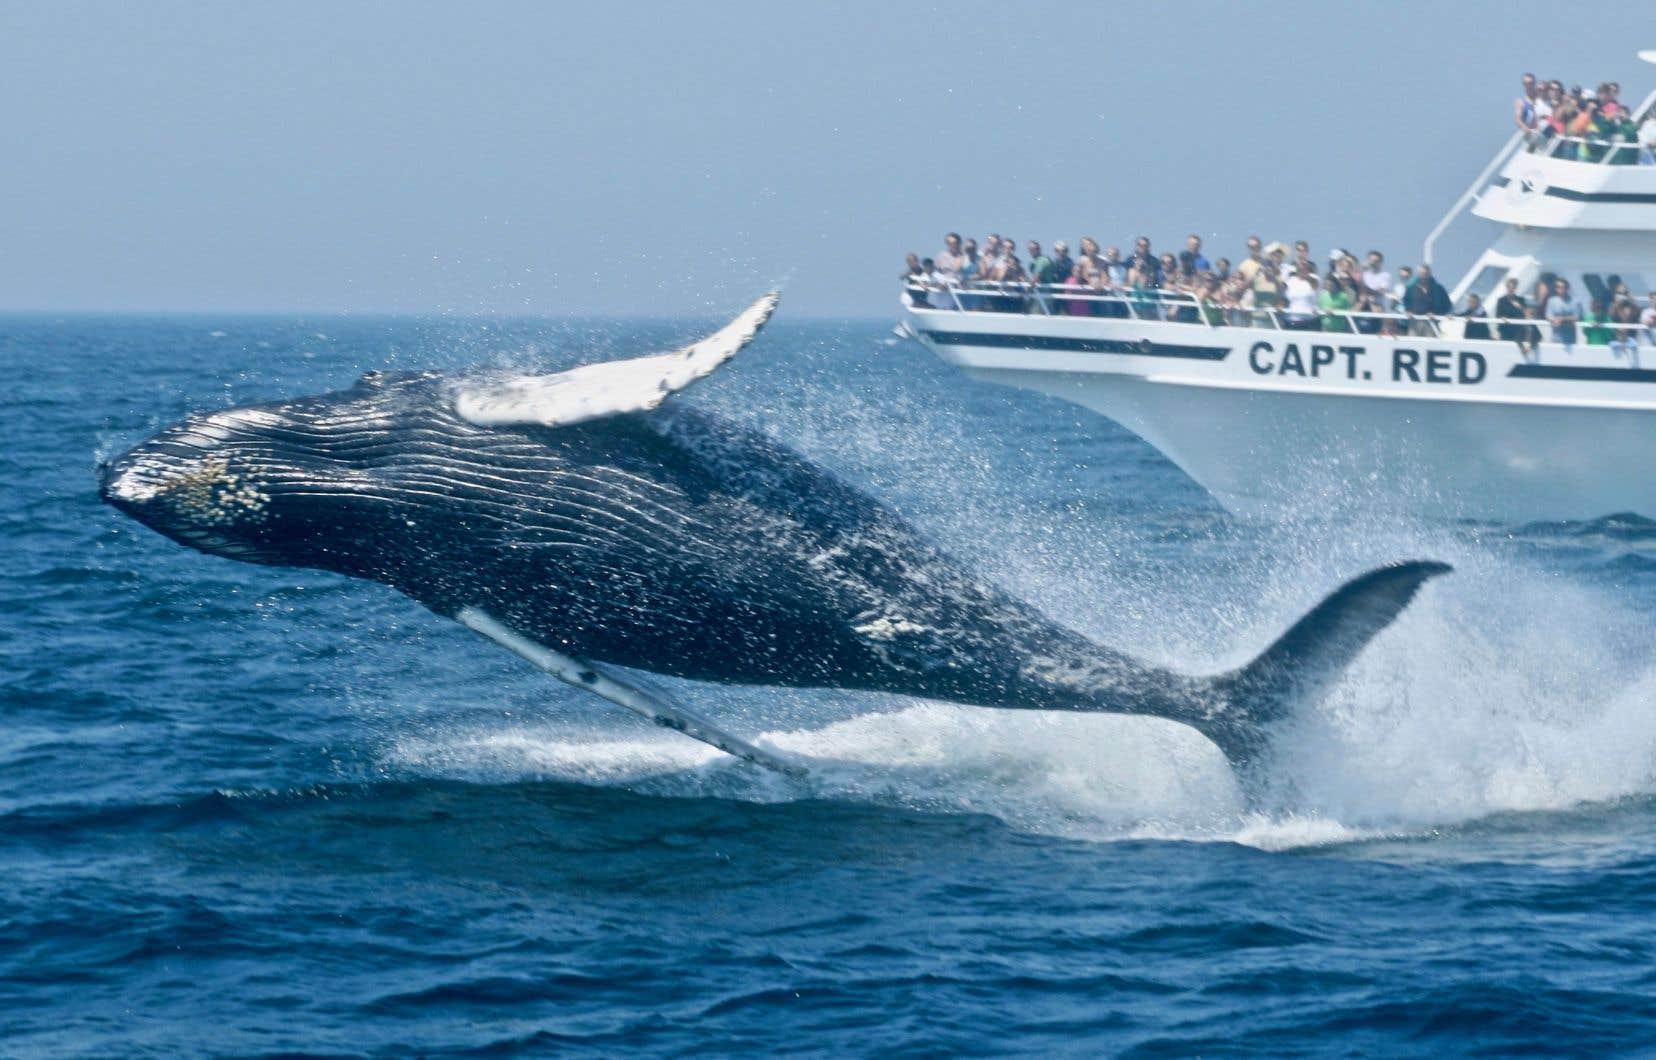 Les excursions d'observation de baleines, comme celle que propose Dolphin Fleet, à Provincetown, font partie des 40 activités qui jalonnent la Whale Trail, au Massachusetts.